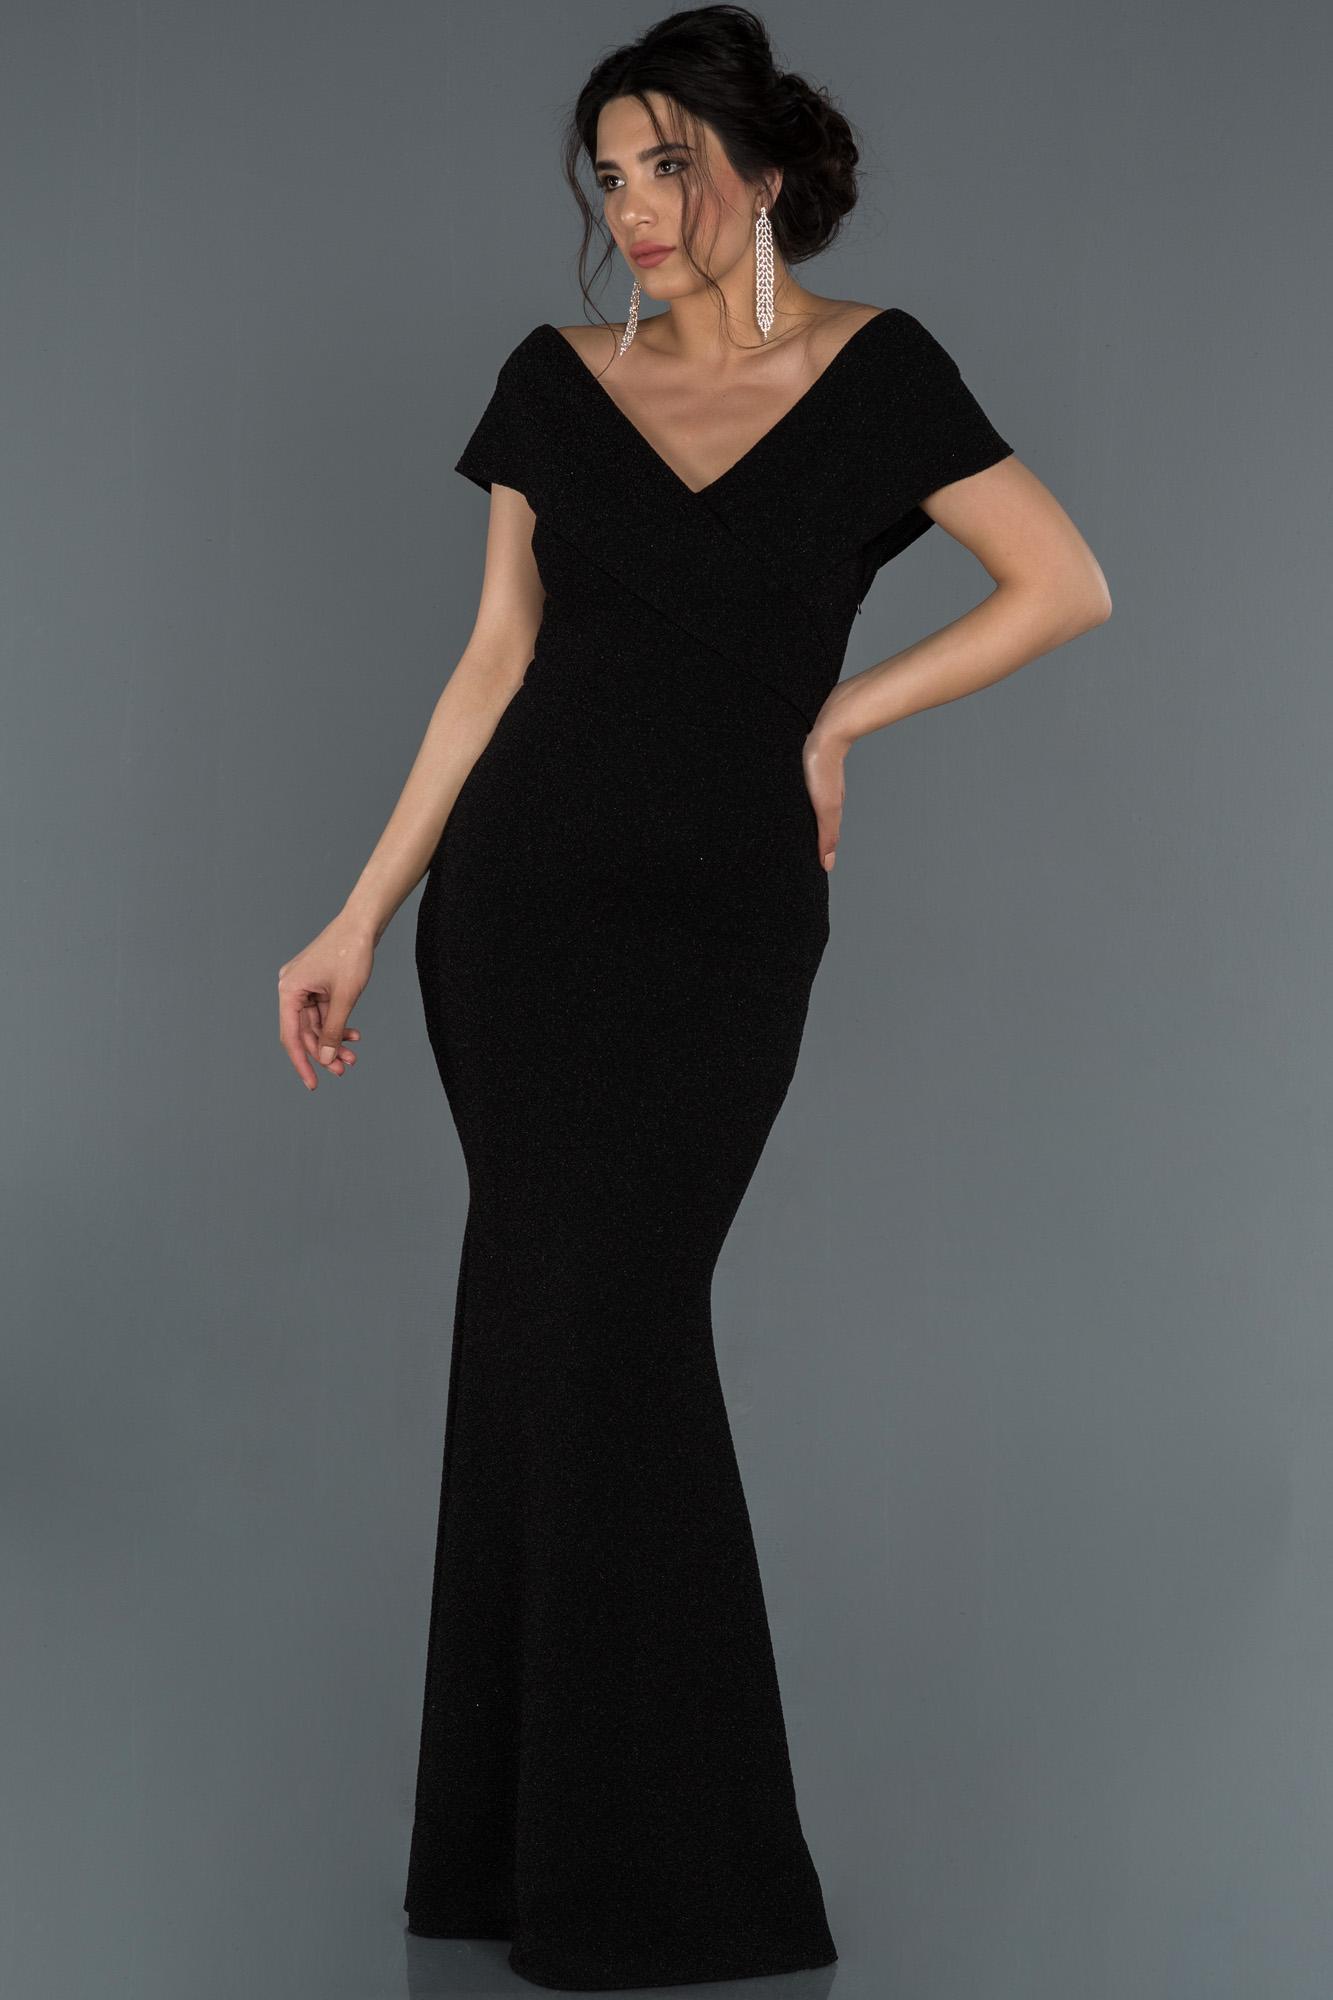 Siyah Uzun Dekoltesiz Balık Abiye Elbise